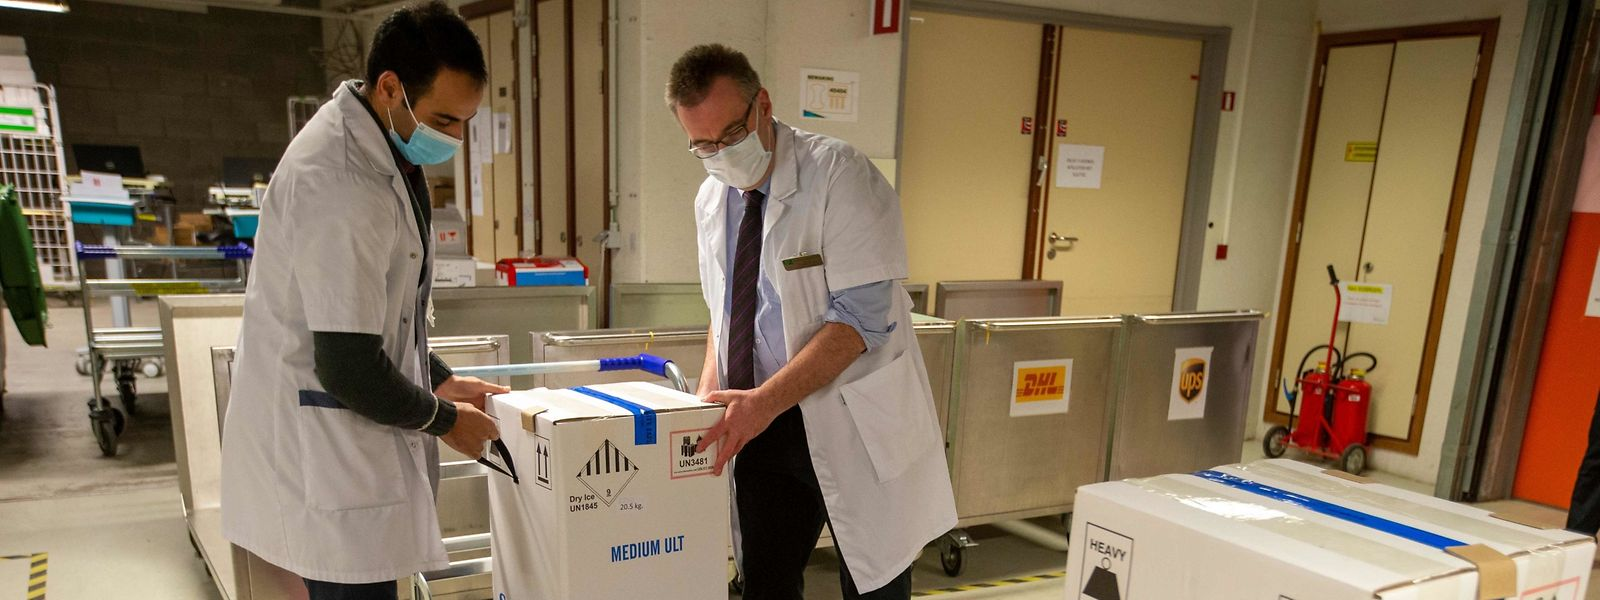 Du plus grand au plus petit Etat de l'Union européenne, le premier lot de vaccins livré samedi était identique en nombre de doses.